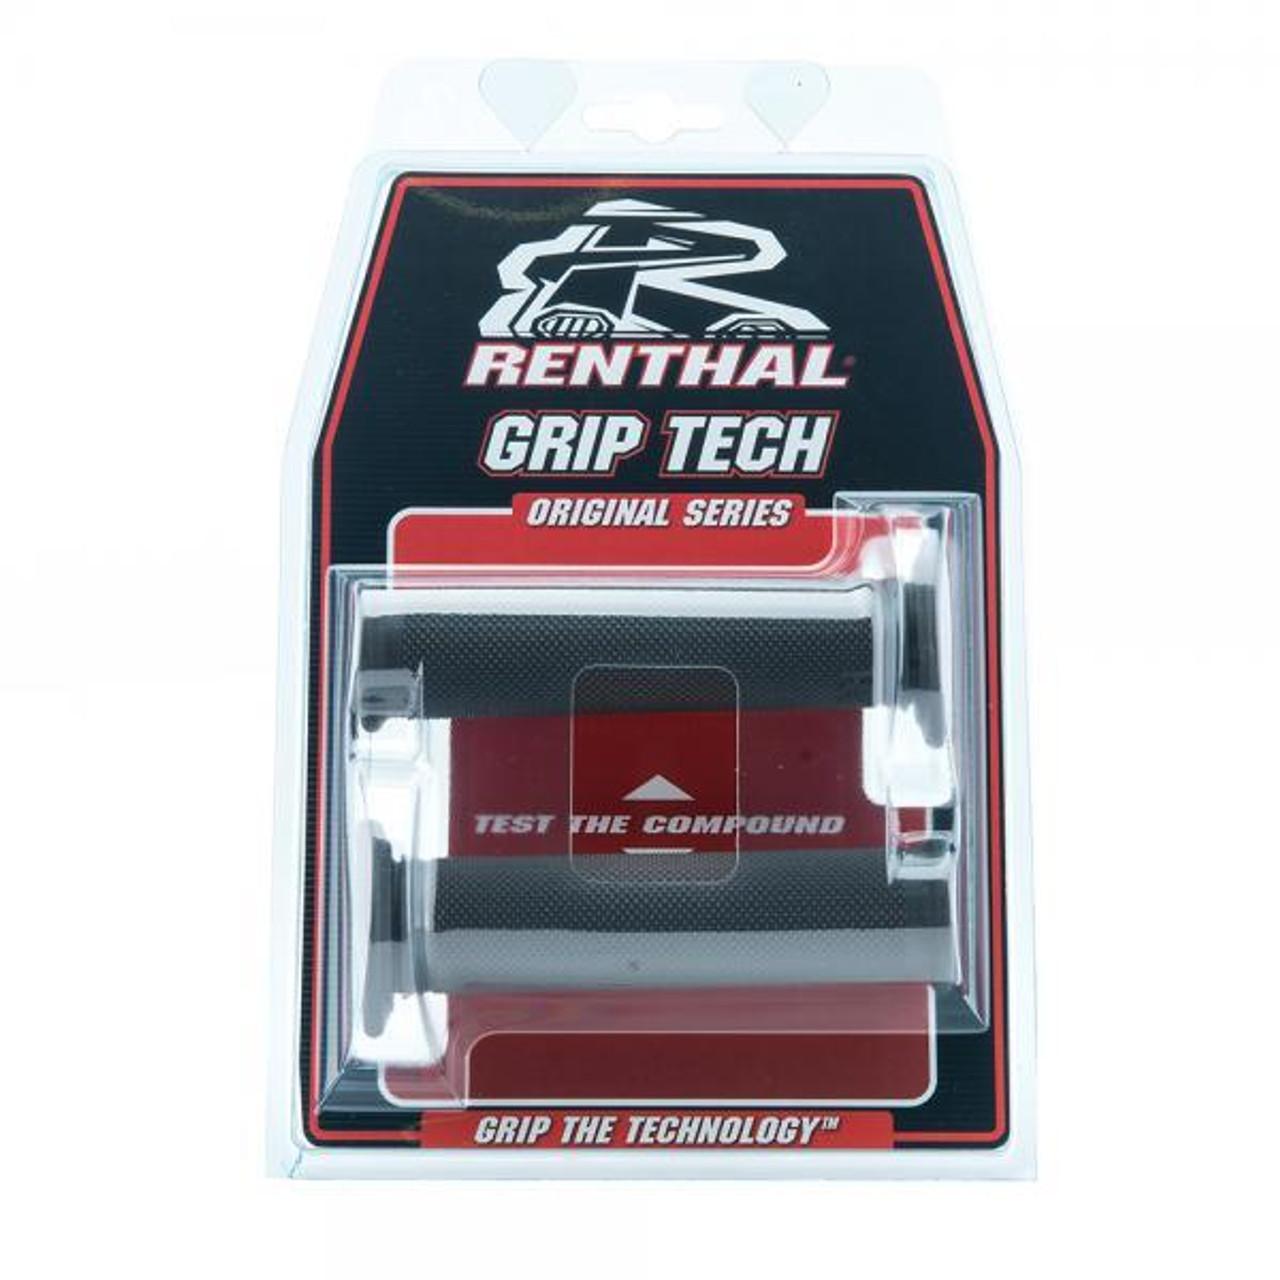 REGGRP097 Renthal trials grips firm